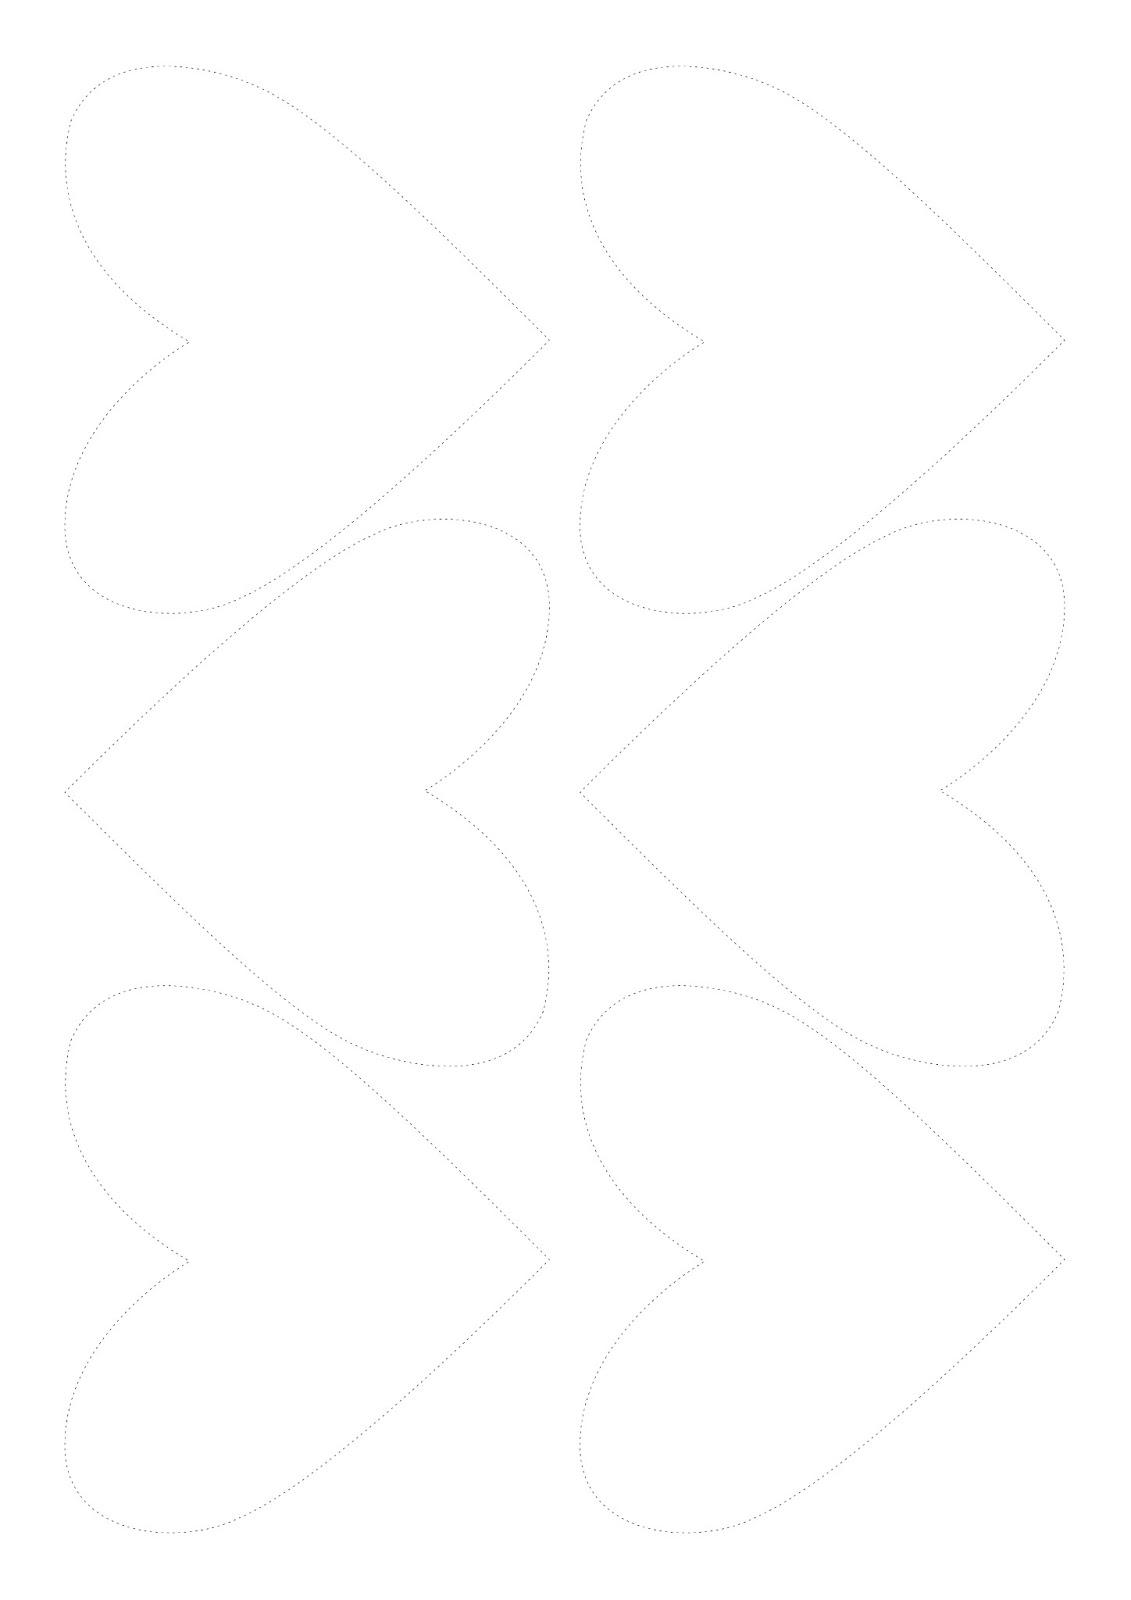 белый фон а4 картинки